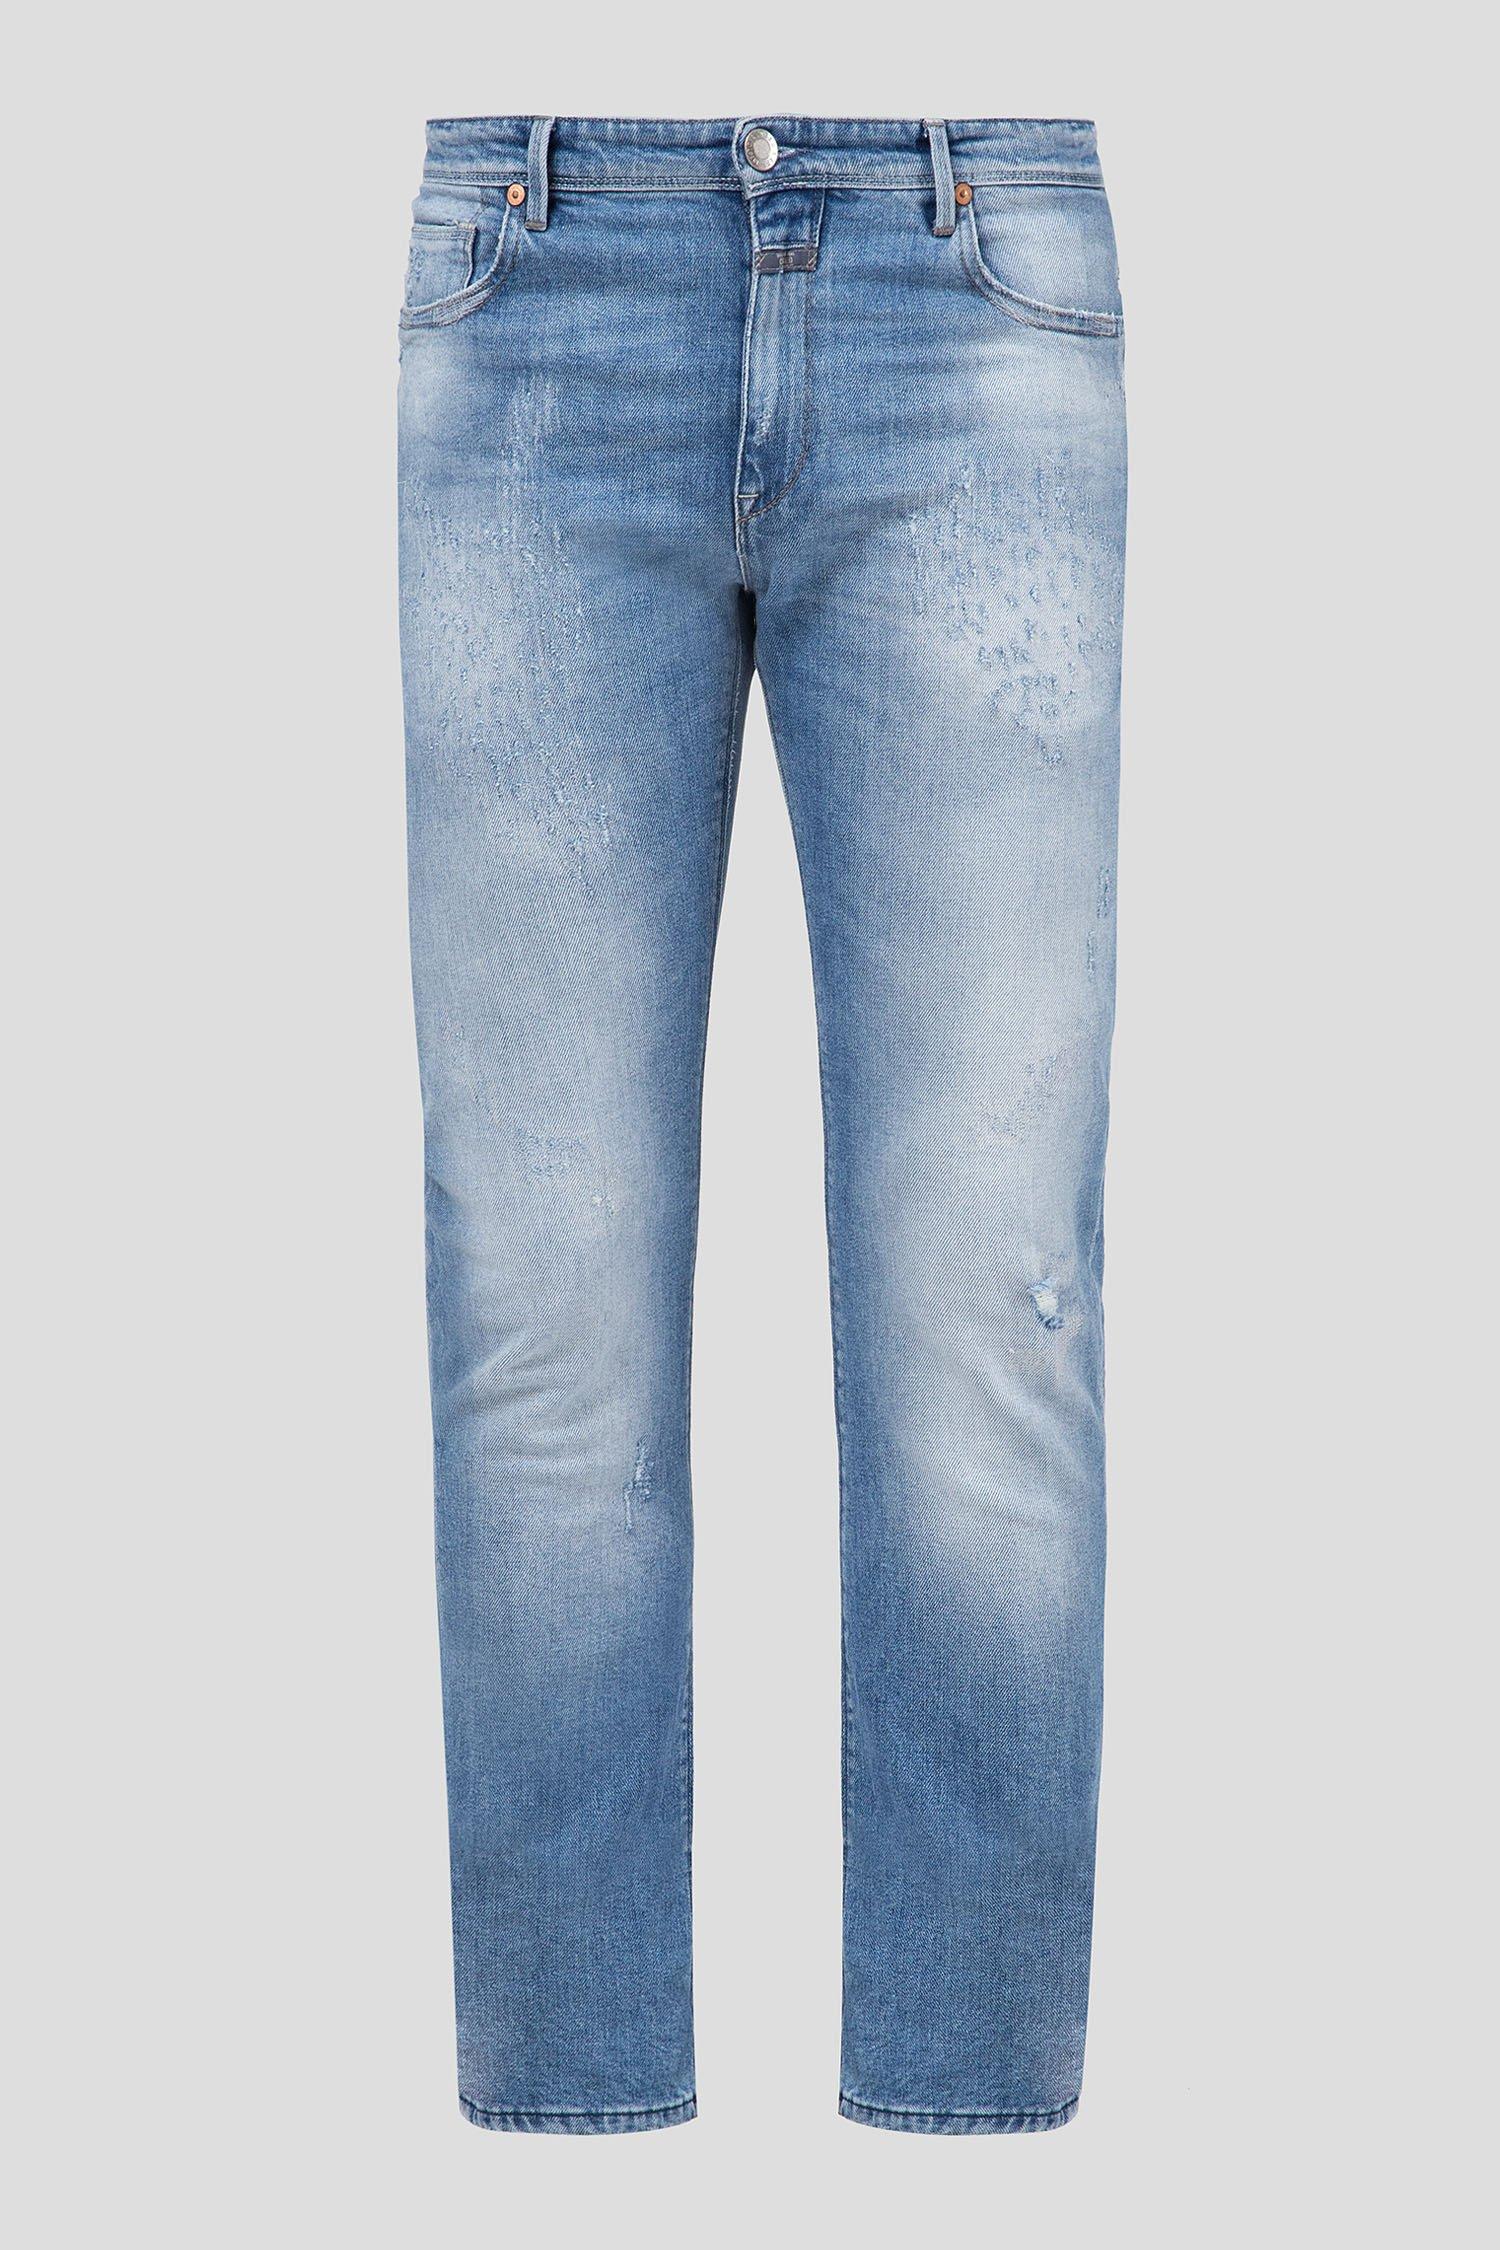 Купить Мужские голубые джинсы UNITY CRAFTED Closed Closed C34024-05X-7A-7A – Киев, Украина. Цены в интернет магазине MD Fashion